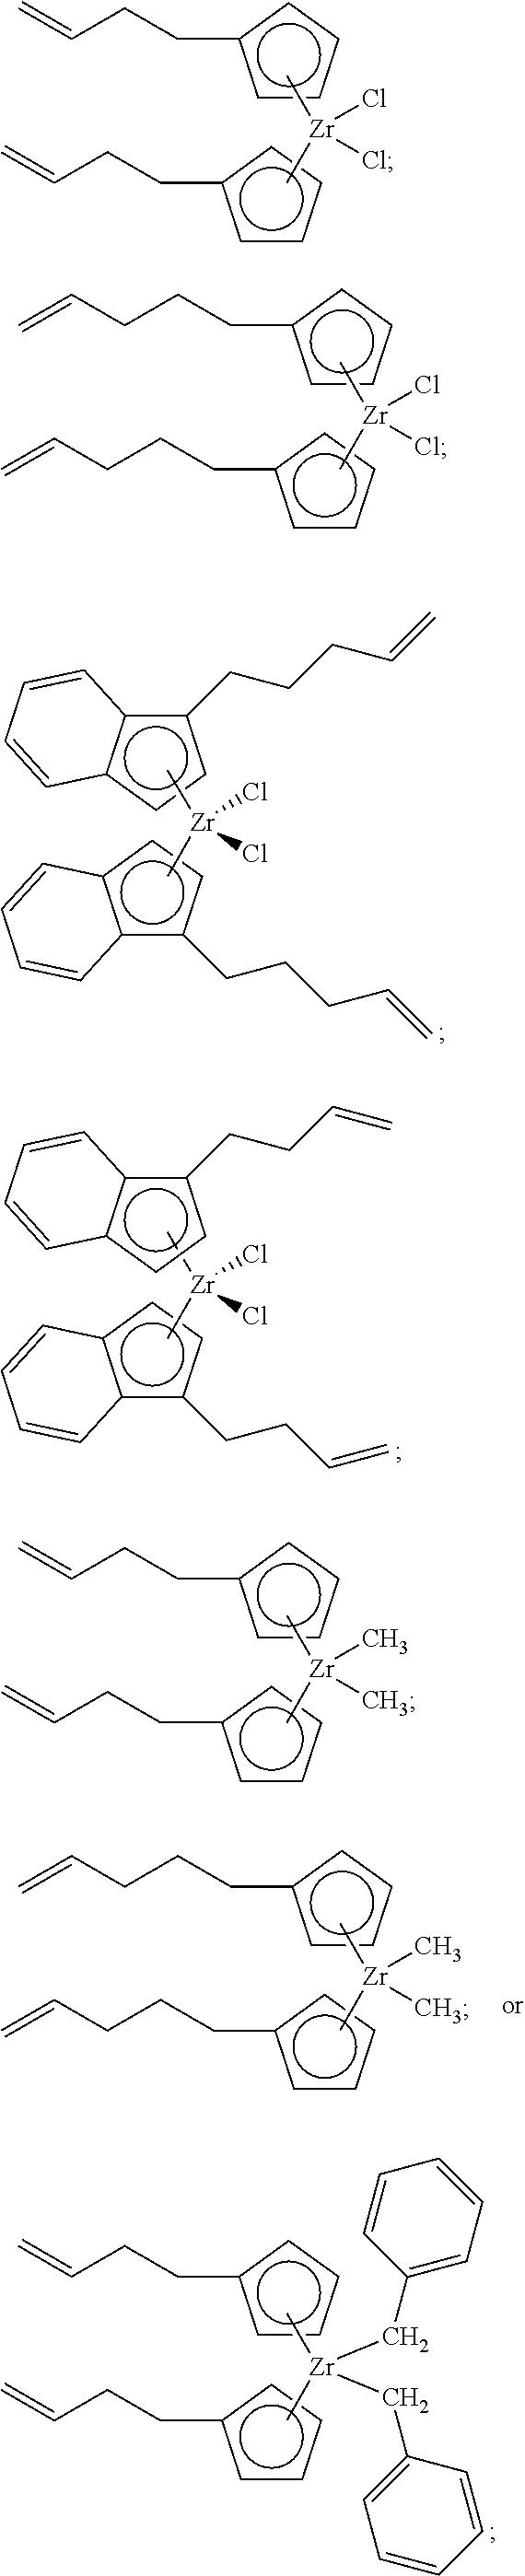 Figure US08524626-20130903-C00008